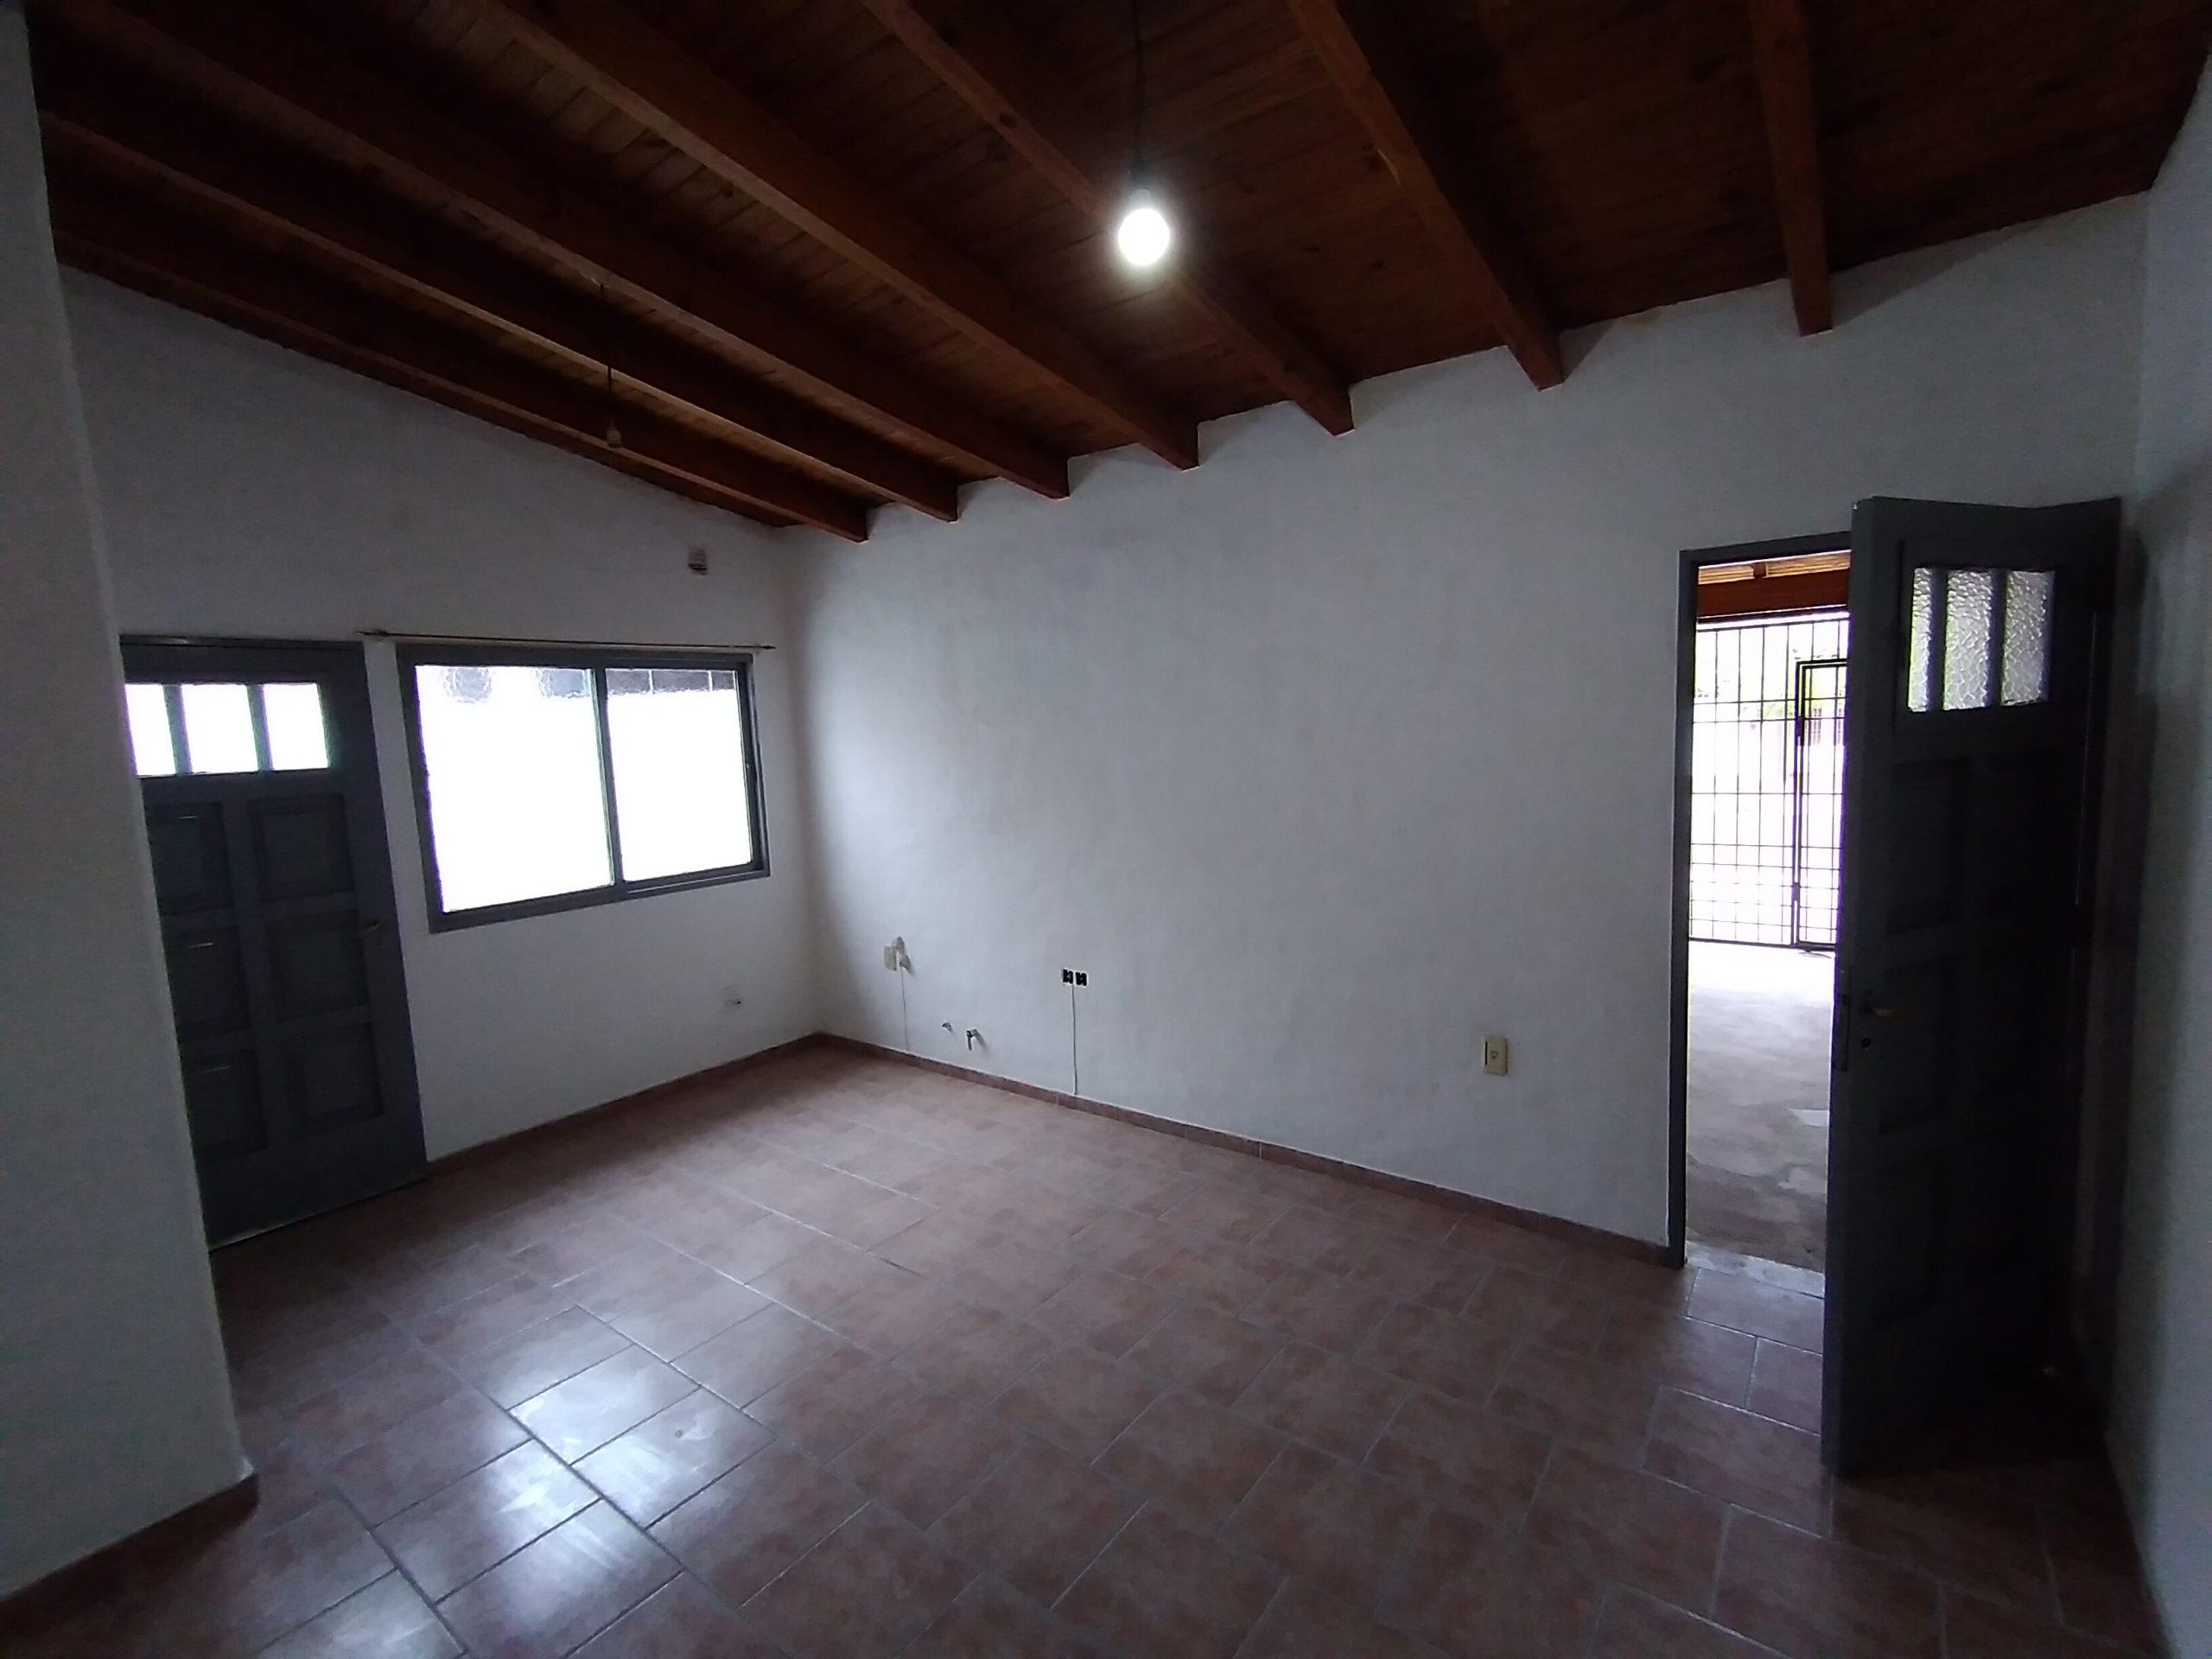 Casa Paroissien y Lavalle, Gllén – 2 Habitaciones + Escritorio – COCHERA Cerrada.-